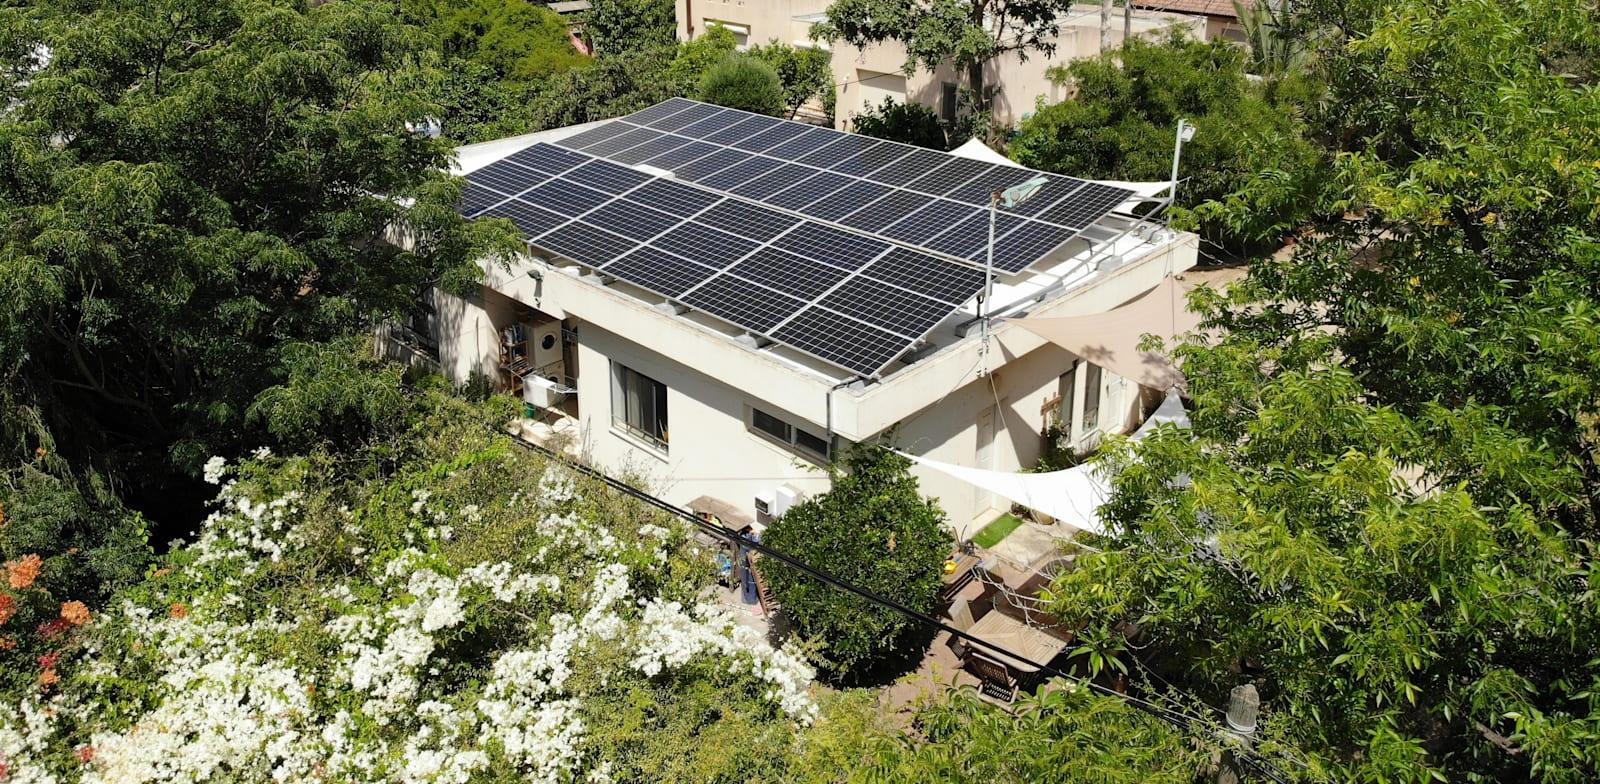 מערכת סולארית על גג בית פרטי. ישראל לא עומדת ביעדים / צילום: Volta Solar